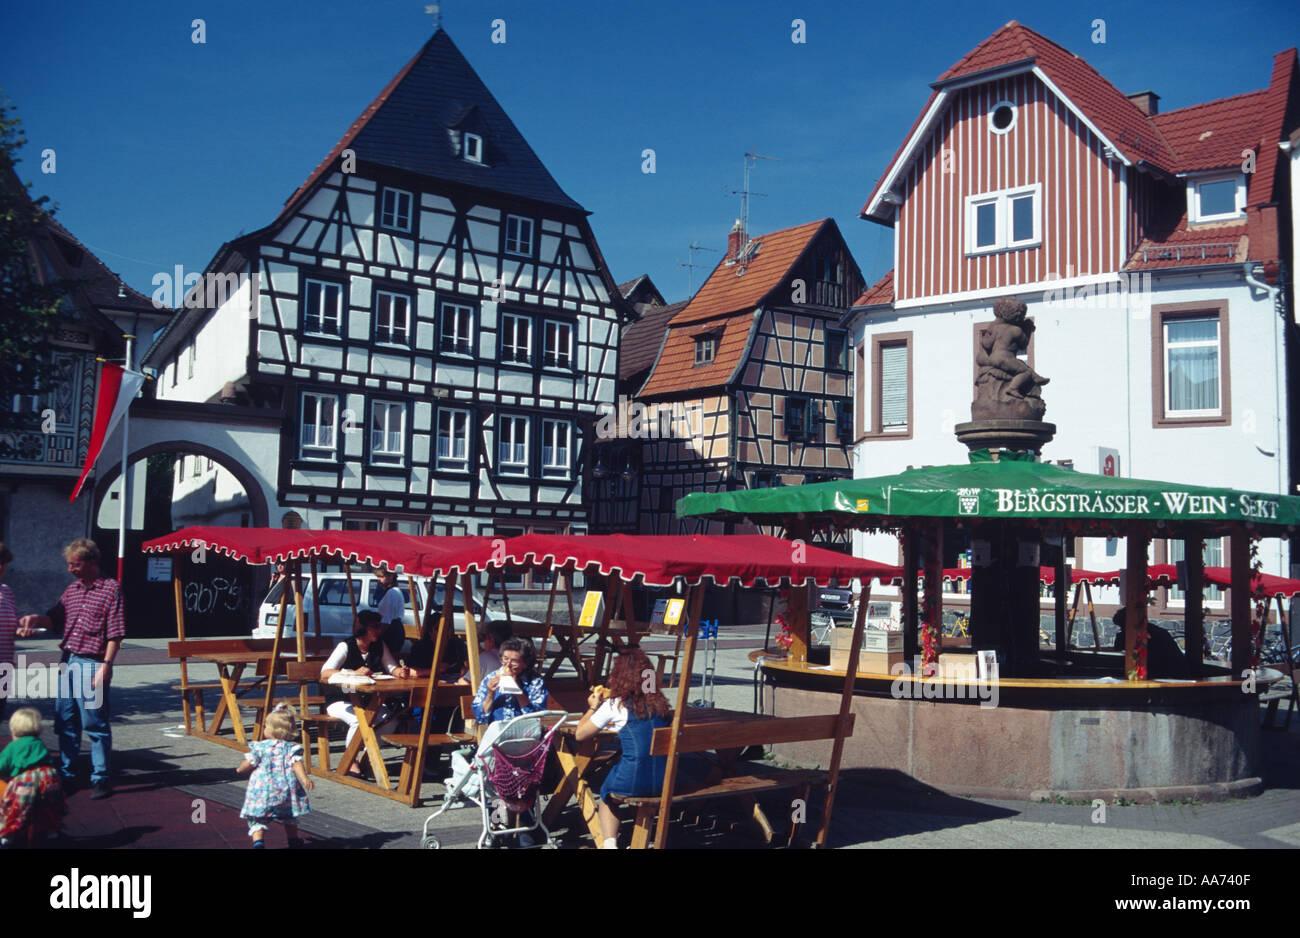 Deutschland-Hessen-Hessen-Bergstrasse Stadt Bensheim Rahmen Häuser ...